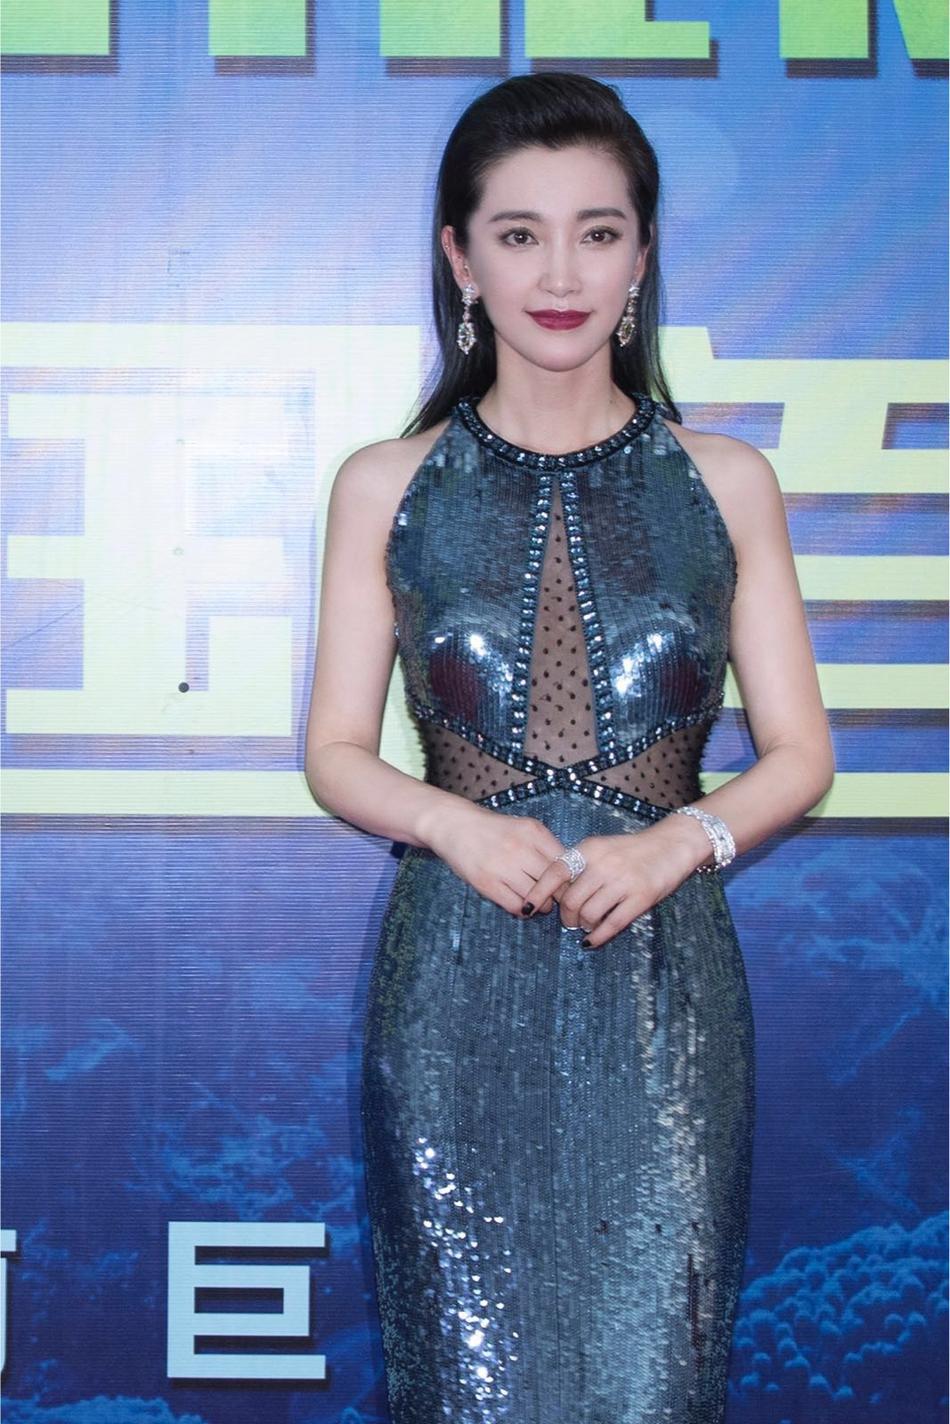 李冰冰现身《巨齿鲨》首映 亮片长裙成为焦点